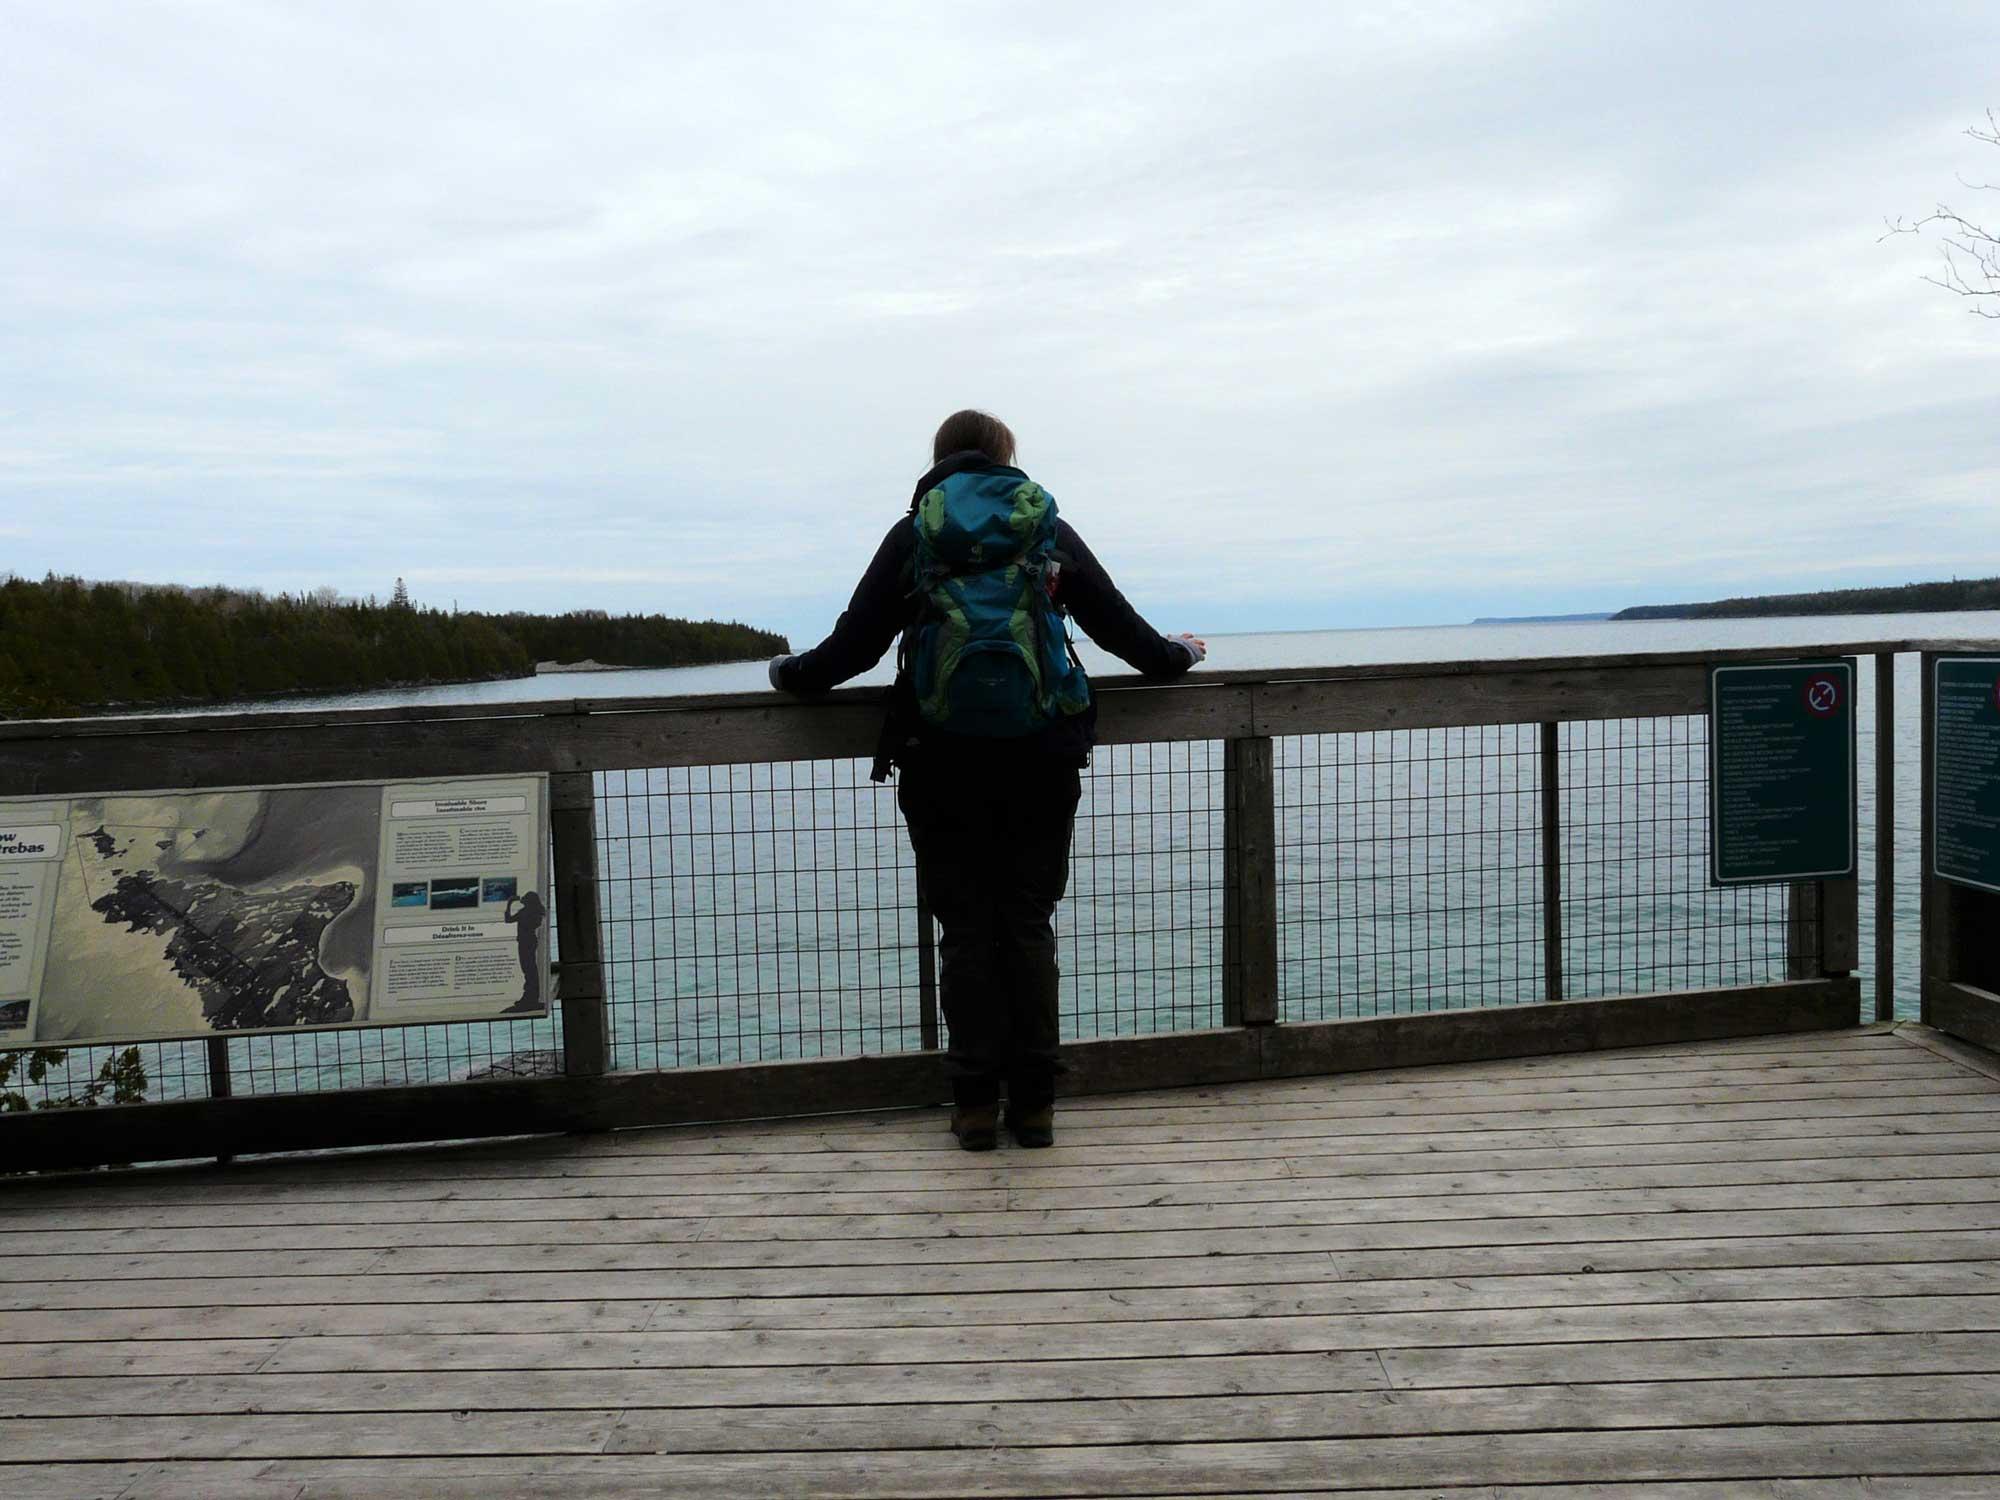 Unterwegs im Nationalpark finde ich diese kleine Aussichtsplattform mit Blick über das Wasser.